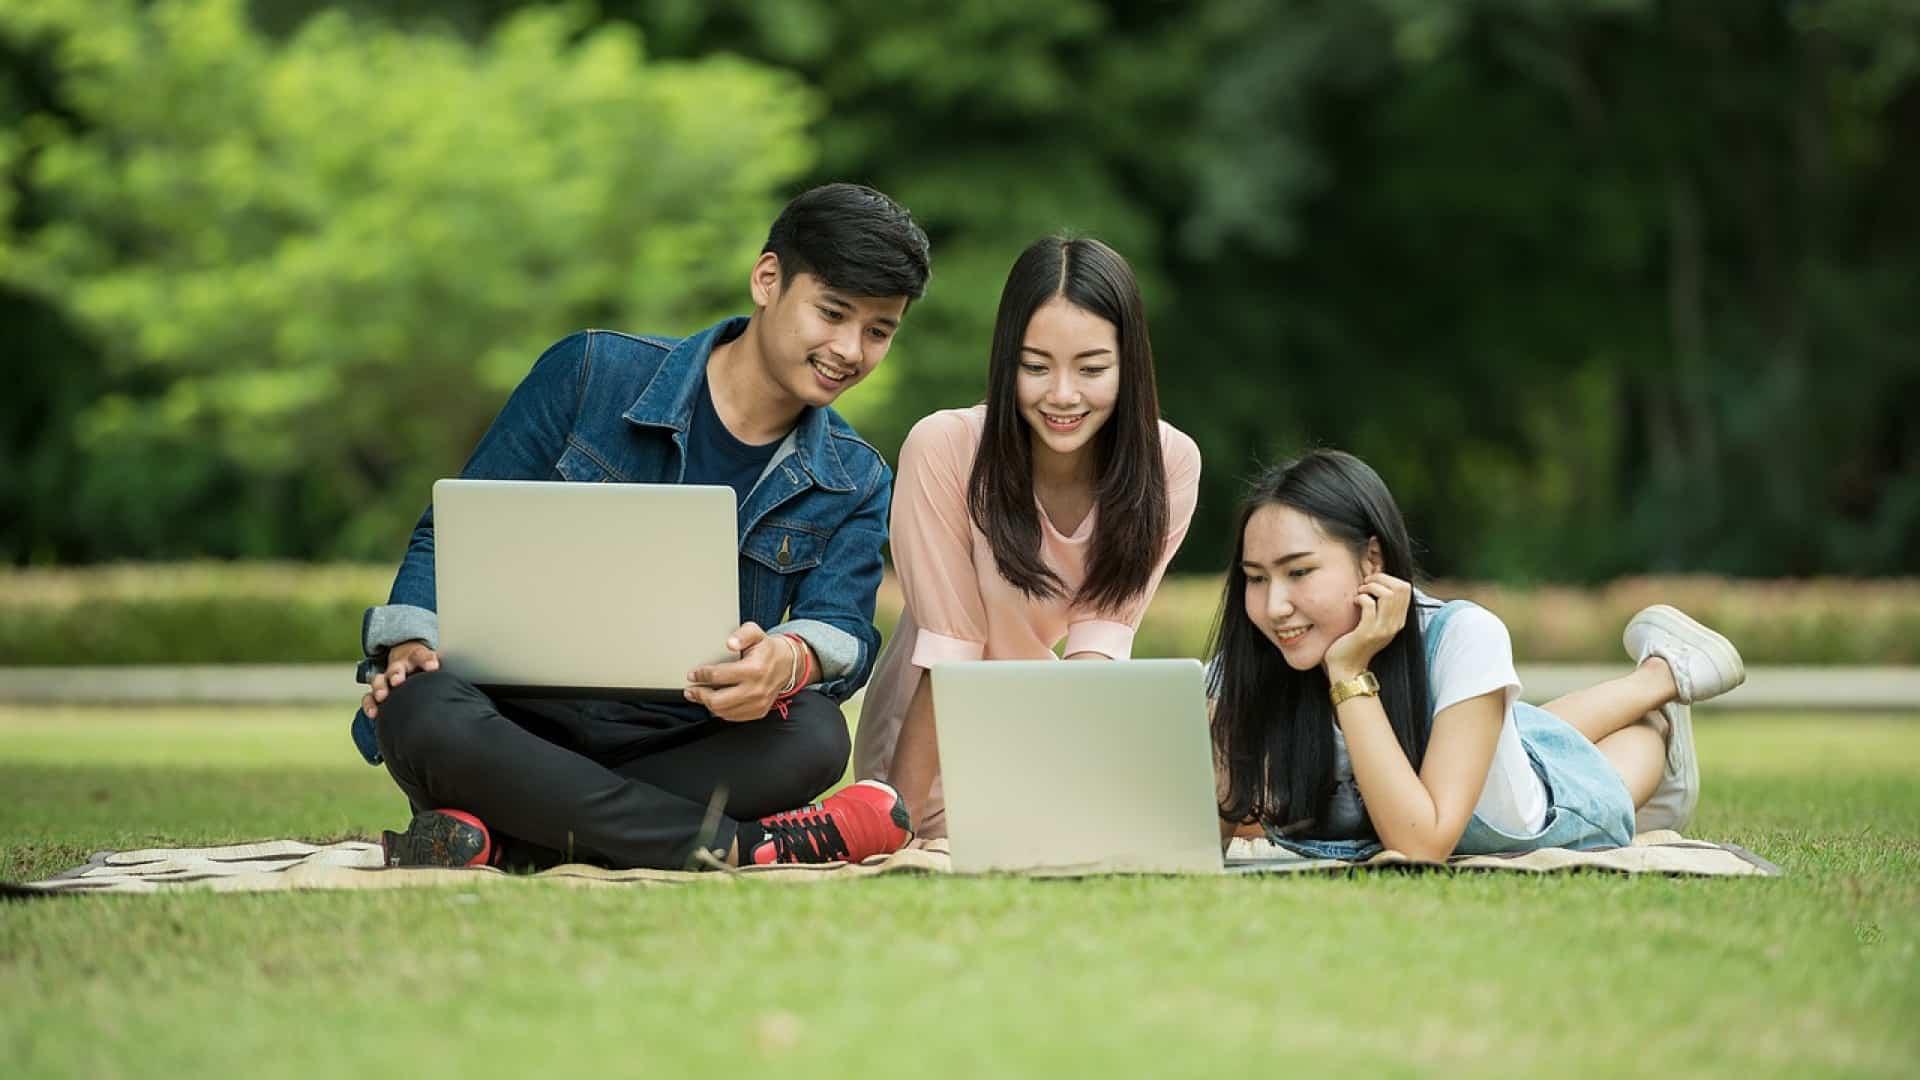 Quels sont les avantages de l'enseignement numérique ?